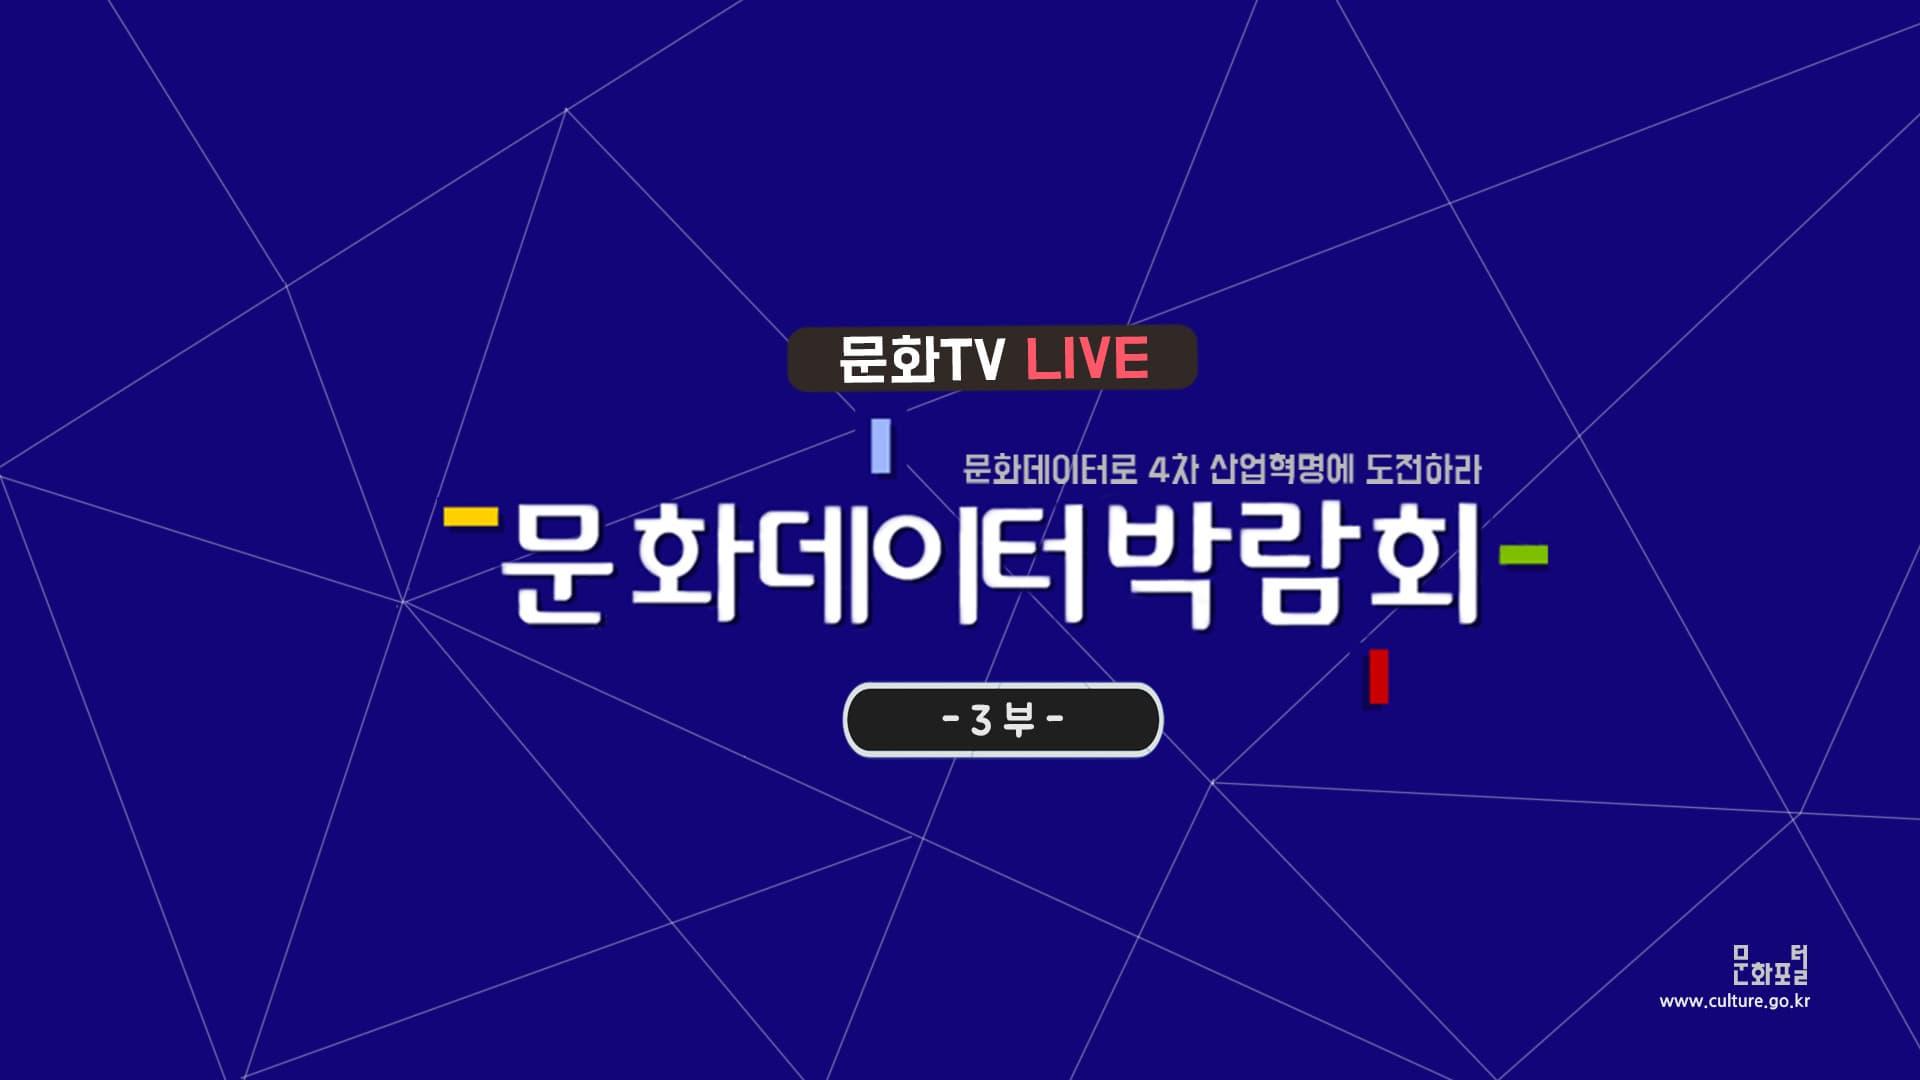 [문화TV] 한국문화정보원 '2017 문화데이터 박람회'-3부-